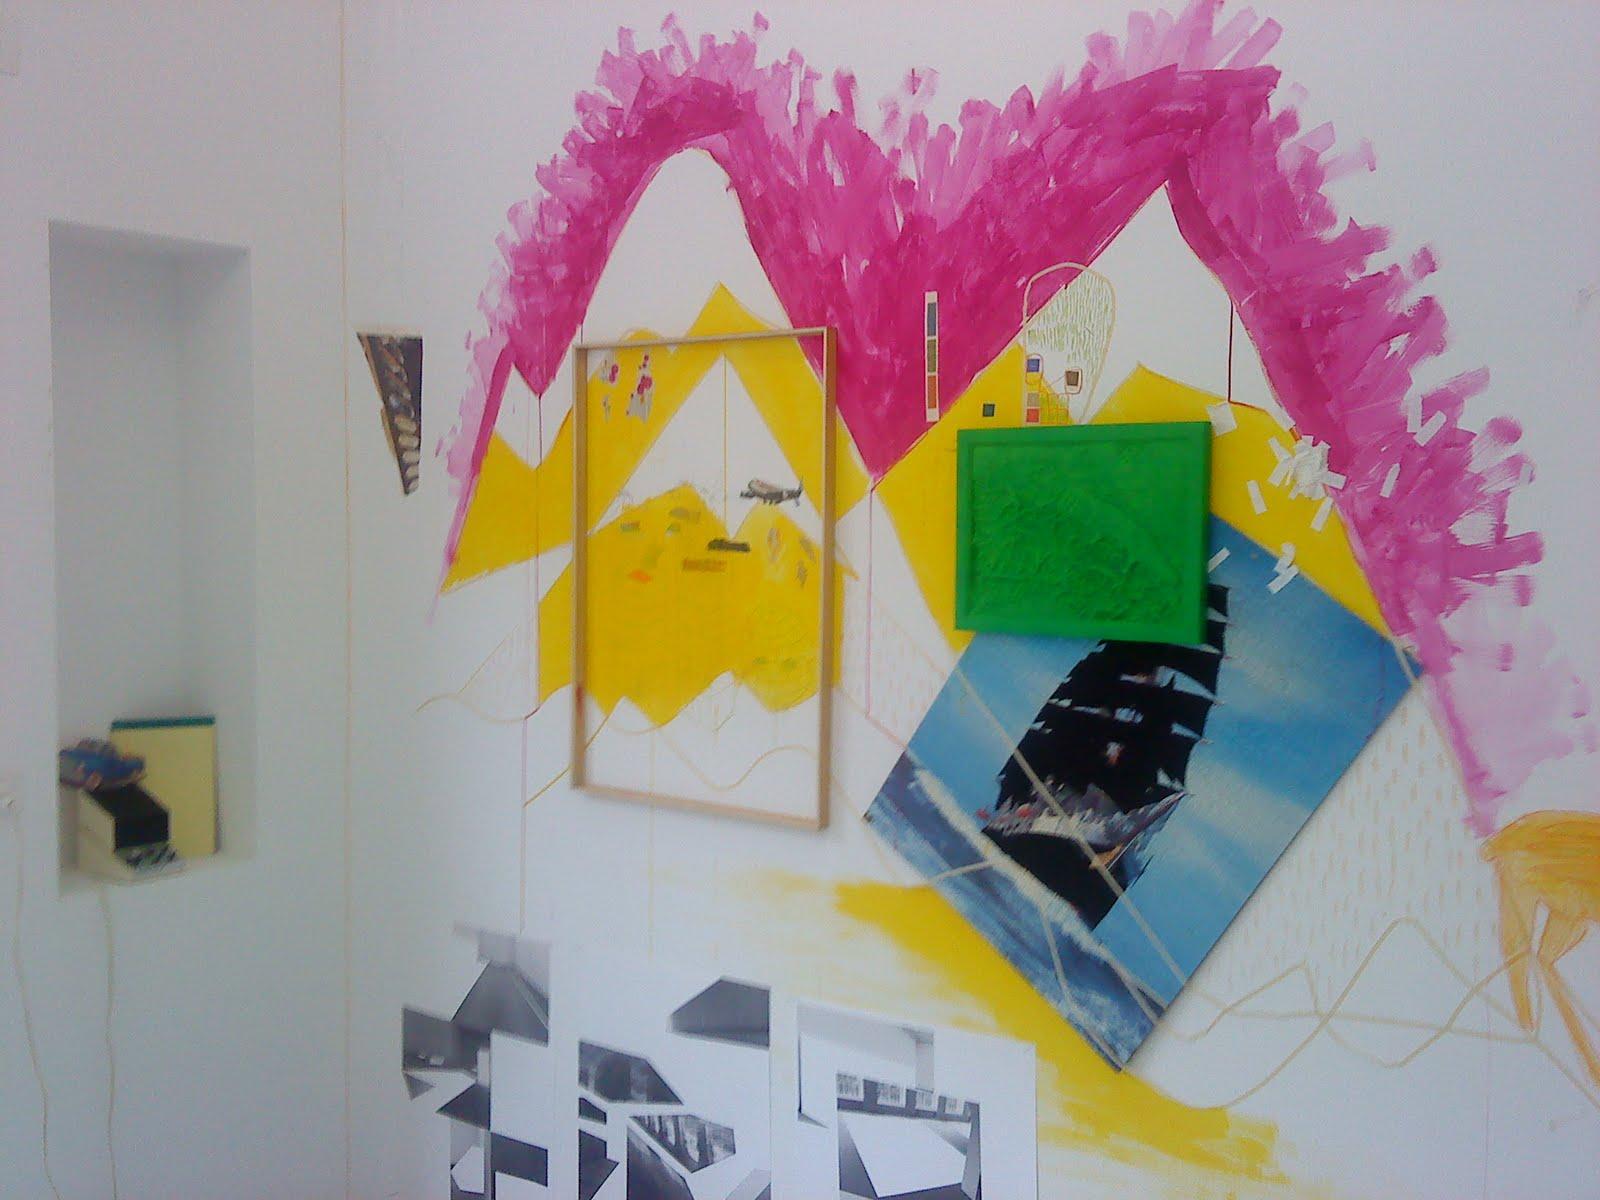 espacechallens13 perroquet tout s 39 ecroule l 39 exposition et perdue dans la foret. Black Bedroom Furniture Sets. Home Design Ideas